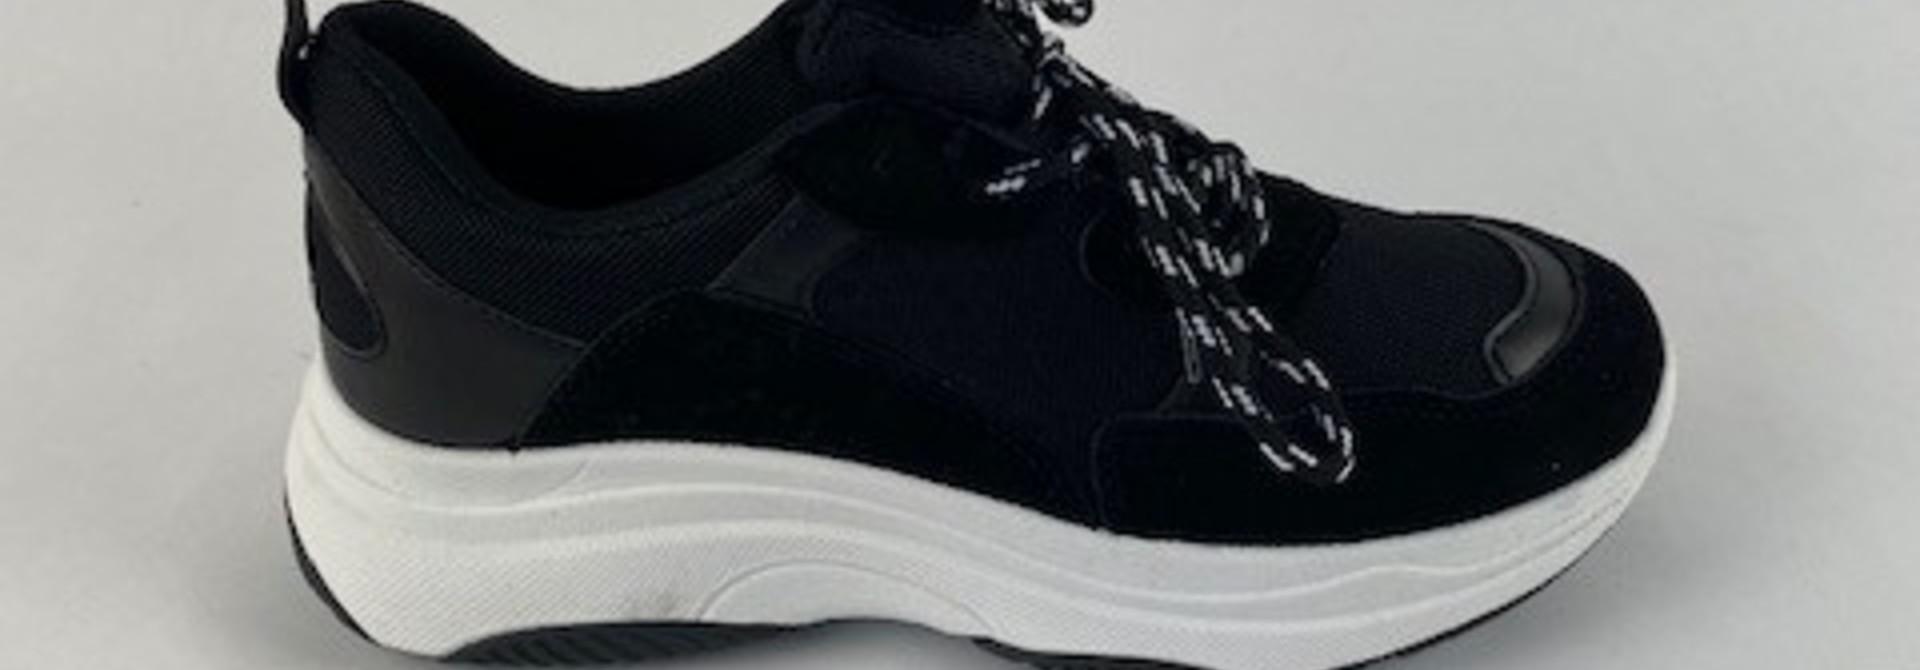 Münch sneakers Black